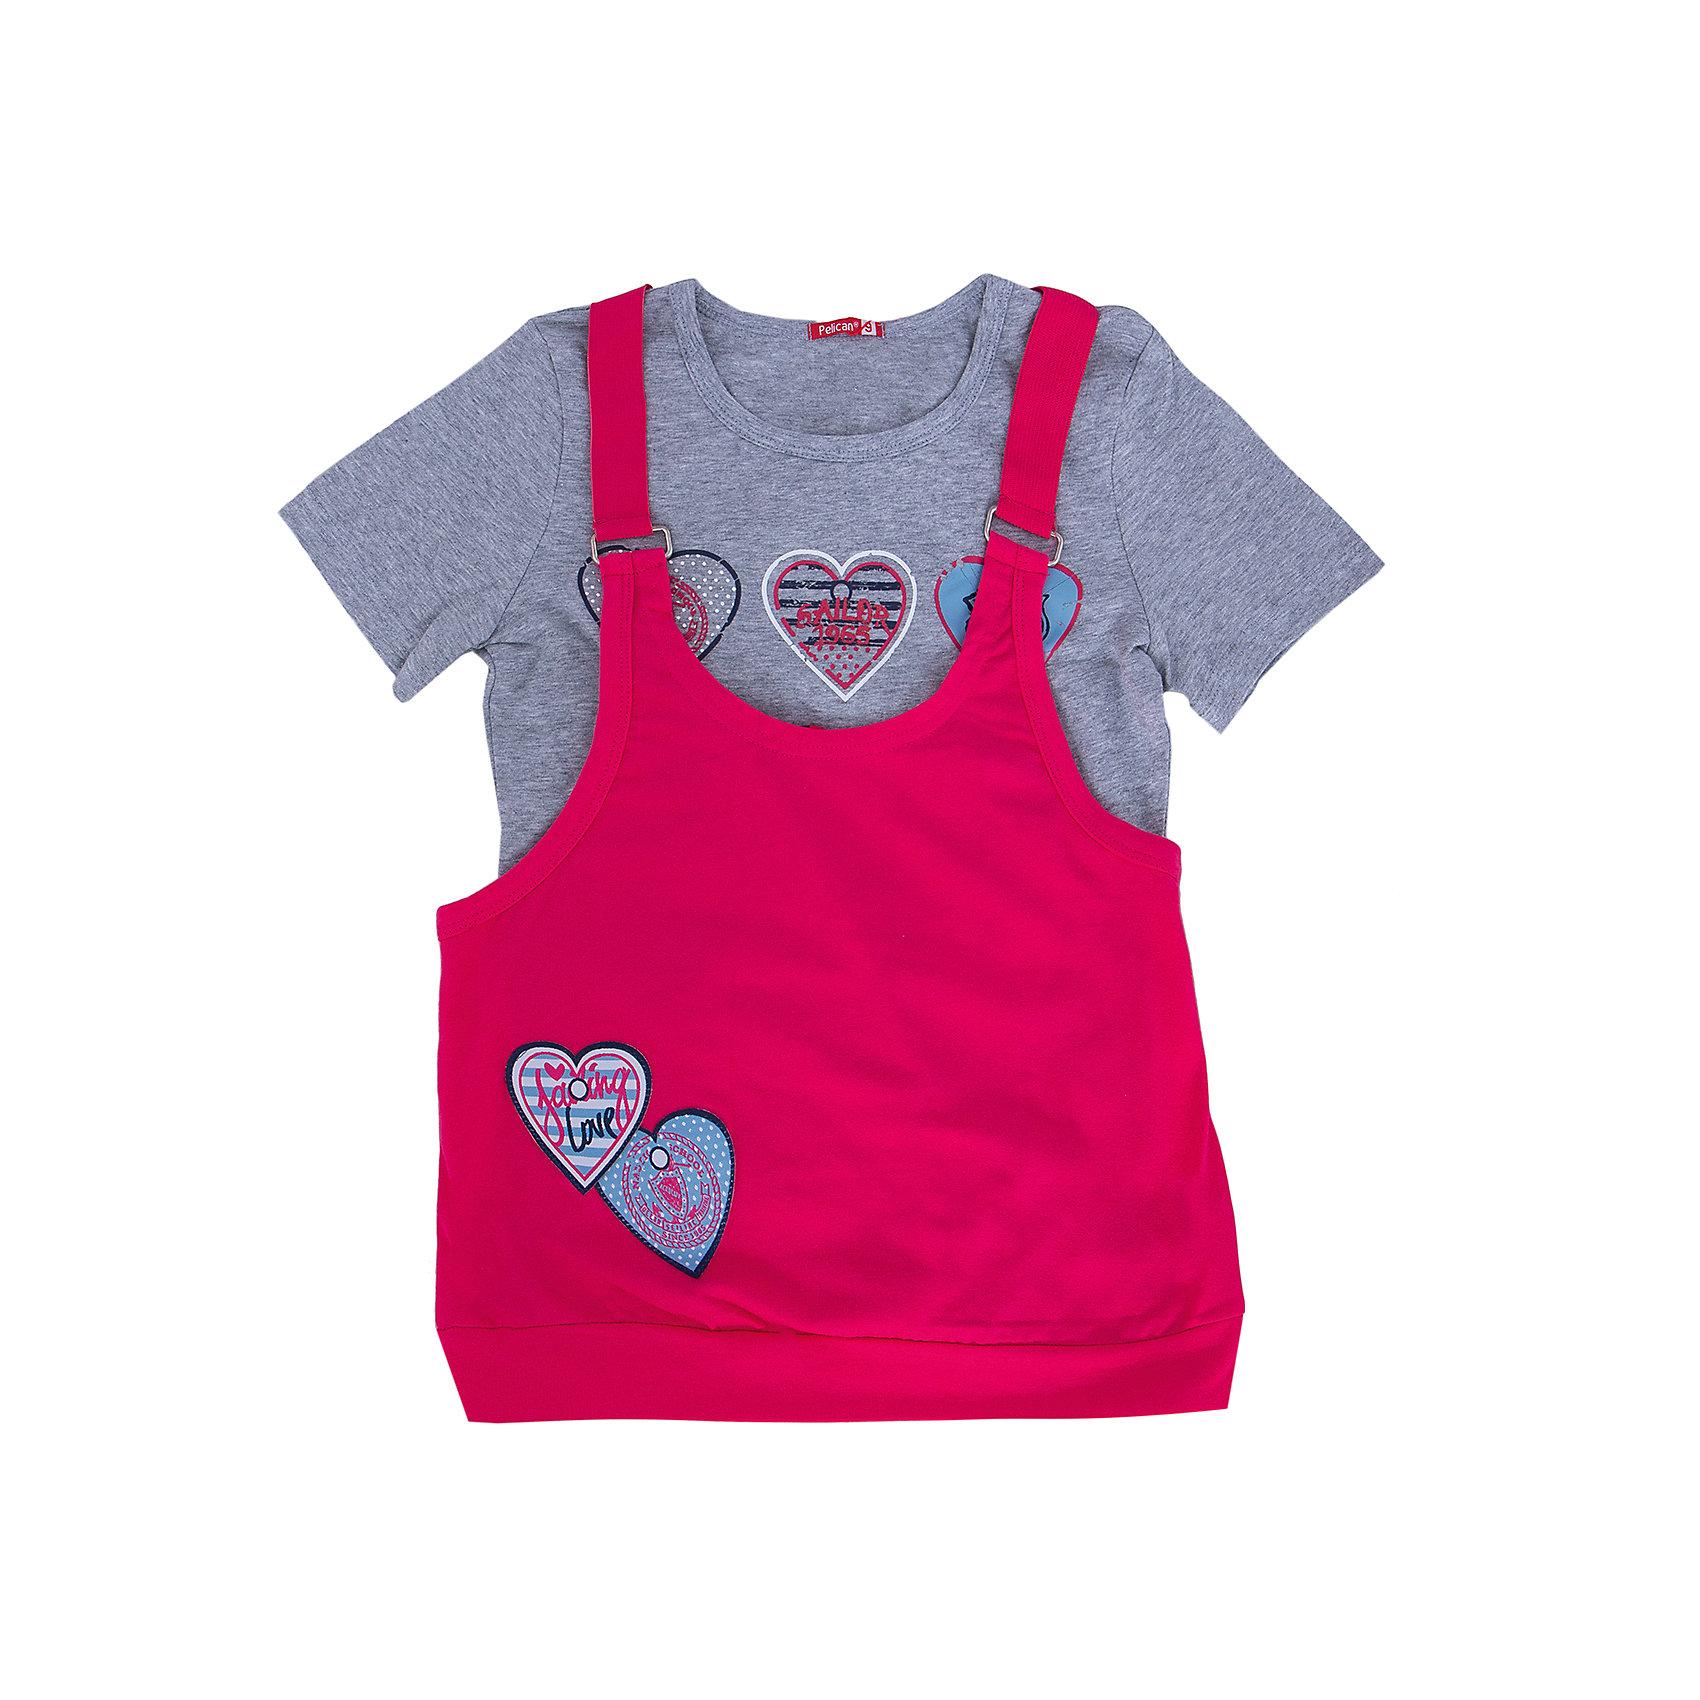 Комплект: футболка и туника для девочки PELICANМногослойность - на пике моды! Модный комплект состоит из туники и футболки. Удобные вещи помогут разнообразить гардероб ребенка, создать подходящий погоде ансамбль. Удобный крой и качественный материал обеспечат ребенку комфорт при ношении этих вещей. <br>Туника очень стильно смотрится благодаря актуальной в этот сезоне расцветке. Футболка - с модным принтом и короткими рукавами. Материал - легкий, отлично подходит для лета, состоит преимущественно из дышащего натурального хлопка. Очень приятен на ощупь, не вызывает аллергии.<br><br>Дополнительная информация:<br><br>материал: 93% хлопок, 7% эластан;<br>цвет: розовый;<br>с принтом;<br>рукава короткие.<br><br>Комплект для девочки от бренда PELICAN (Пеликан) можно купить в нашем магазине.<br><br>Ширина мм: 199<br>Глубина мм: 10<br>Высота мм: 161<br>Вес г: 151<br>Цвет: розовый<br>Возраст от месяцев: 84<br>Возраст до месяцев: 96<br>Пол: Женский<br>Возраст: Детский<br>Размер: 128,140,116,122,134<br>SKU: 4804928